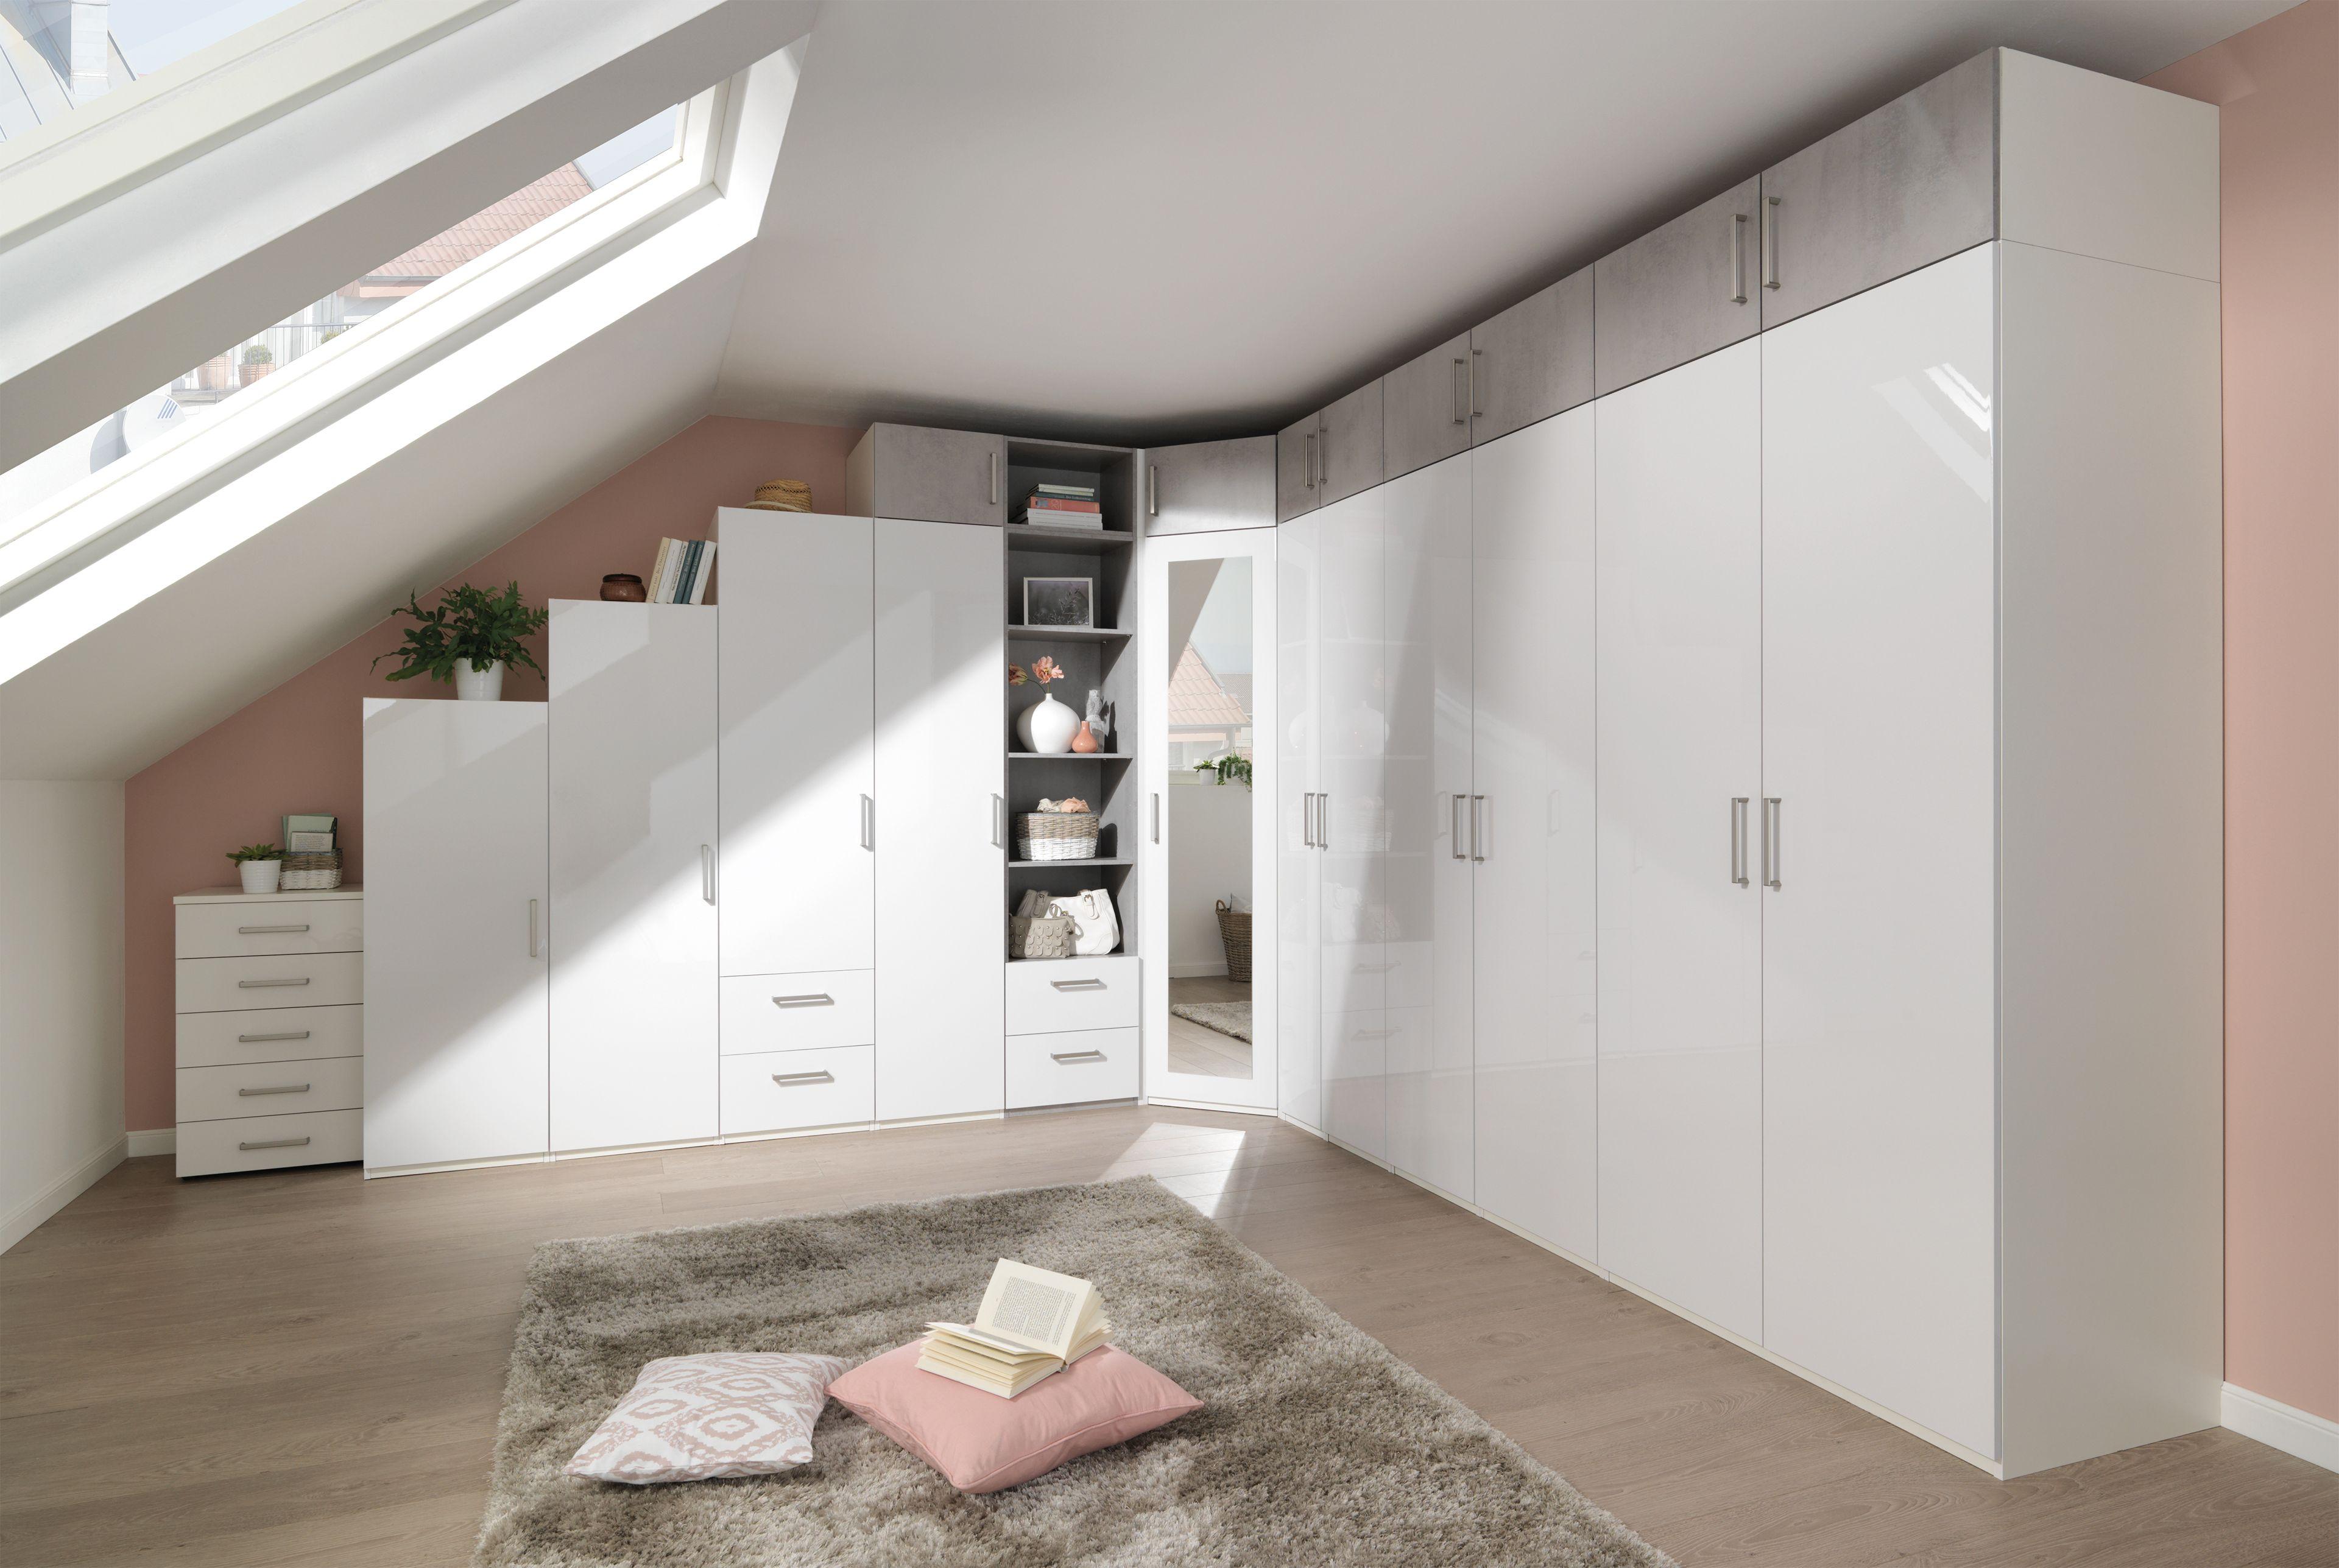 wellem bel ksw 2 0 kleider schrank beton optik m bel. Black Bedroom Furniture Sets. Home Design Ideas